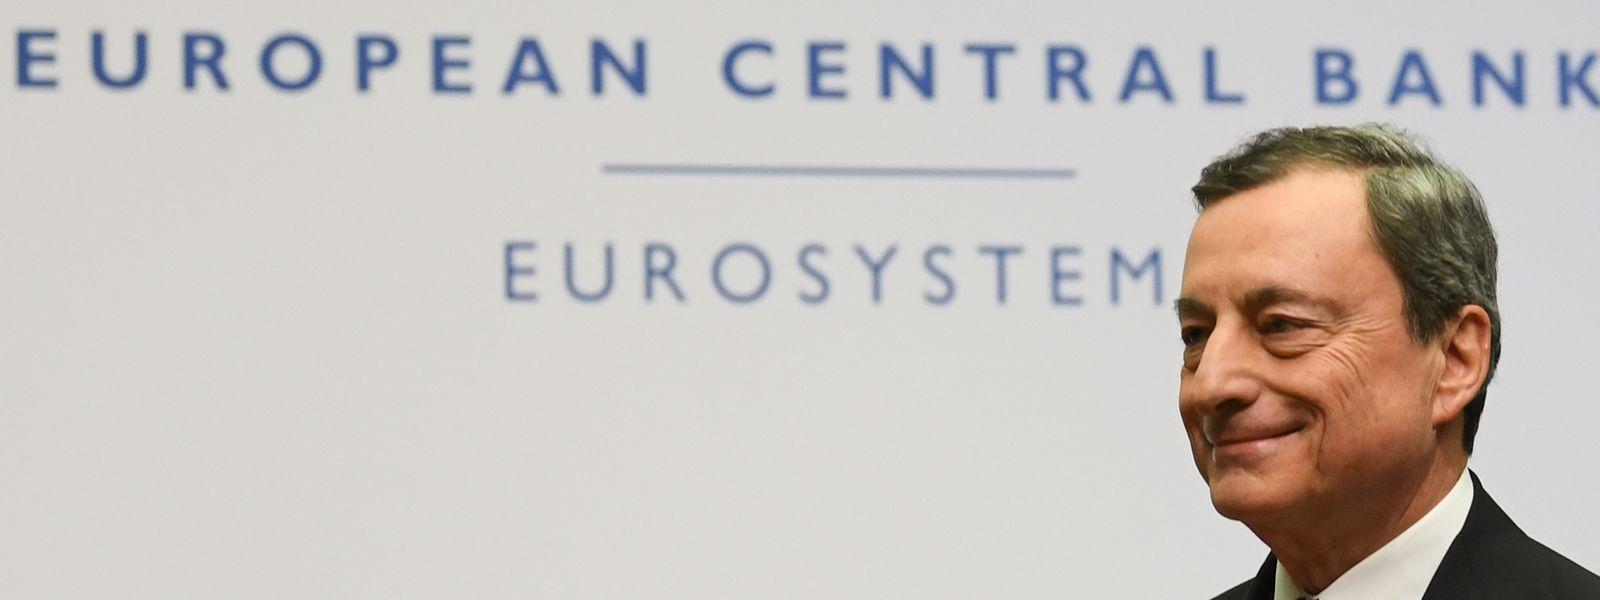 Mario Draghi, Präsident der Europäischen Zentralbank (EZB), verlässt im Anschluss an die Pressekonferenz in der EZB-Zentrale das Podium.